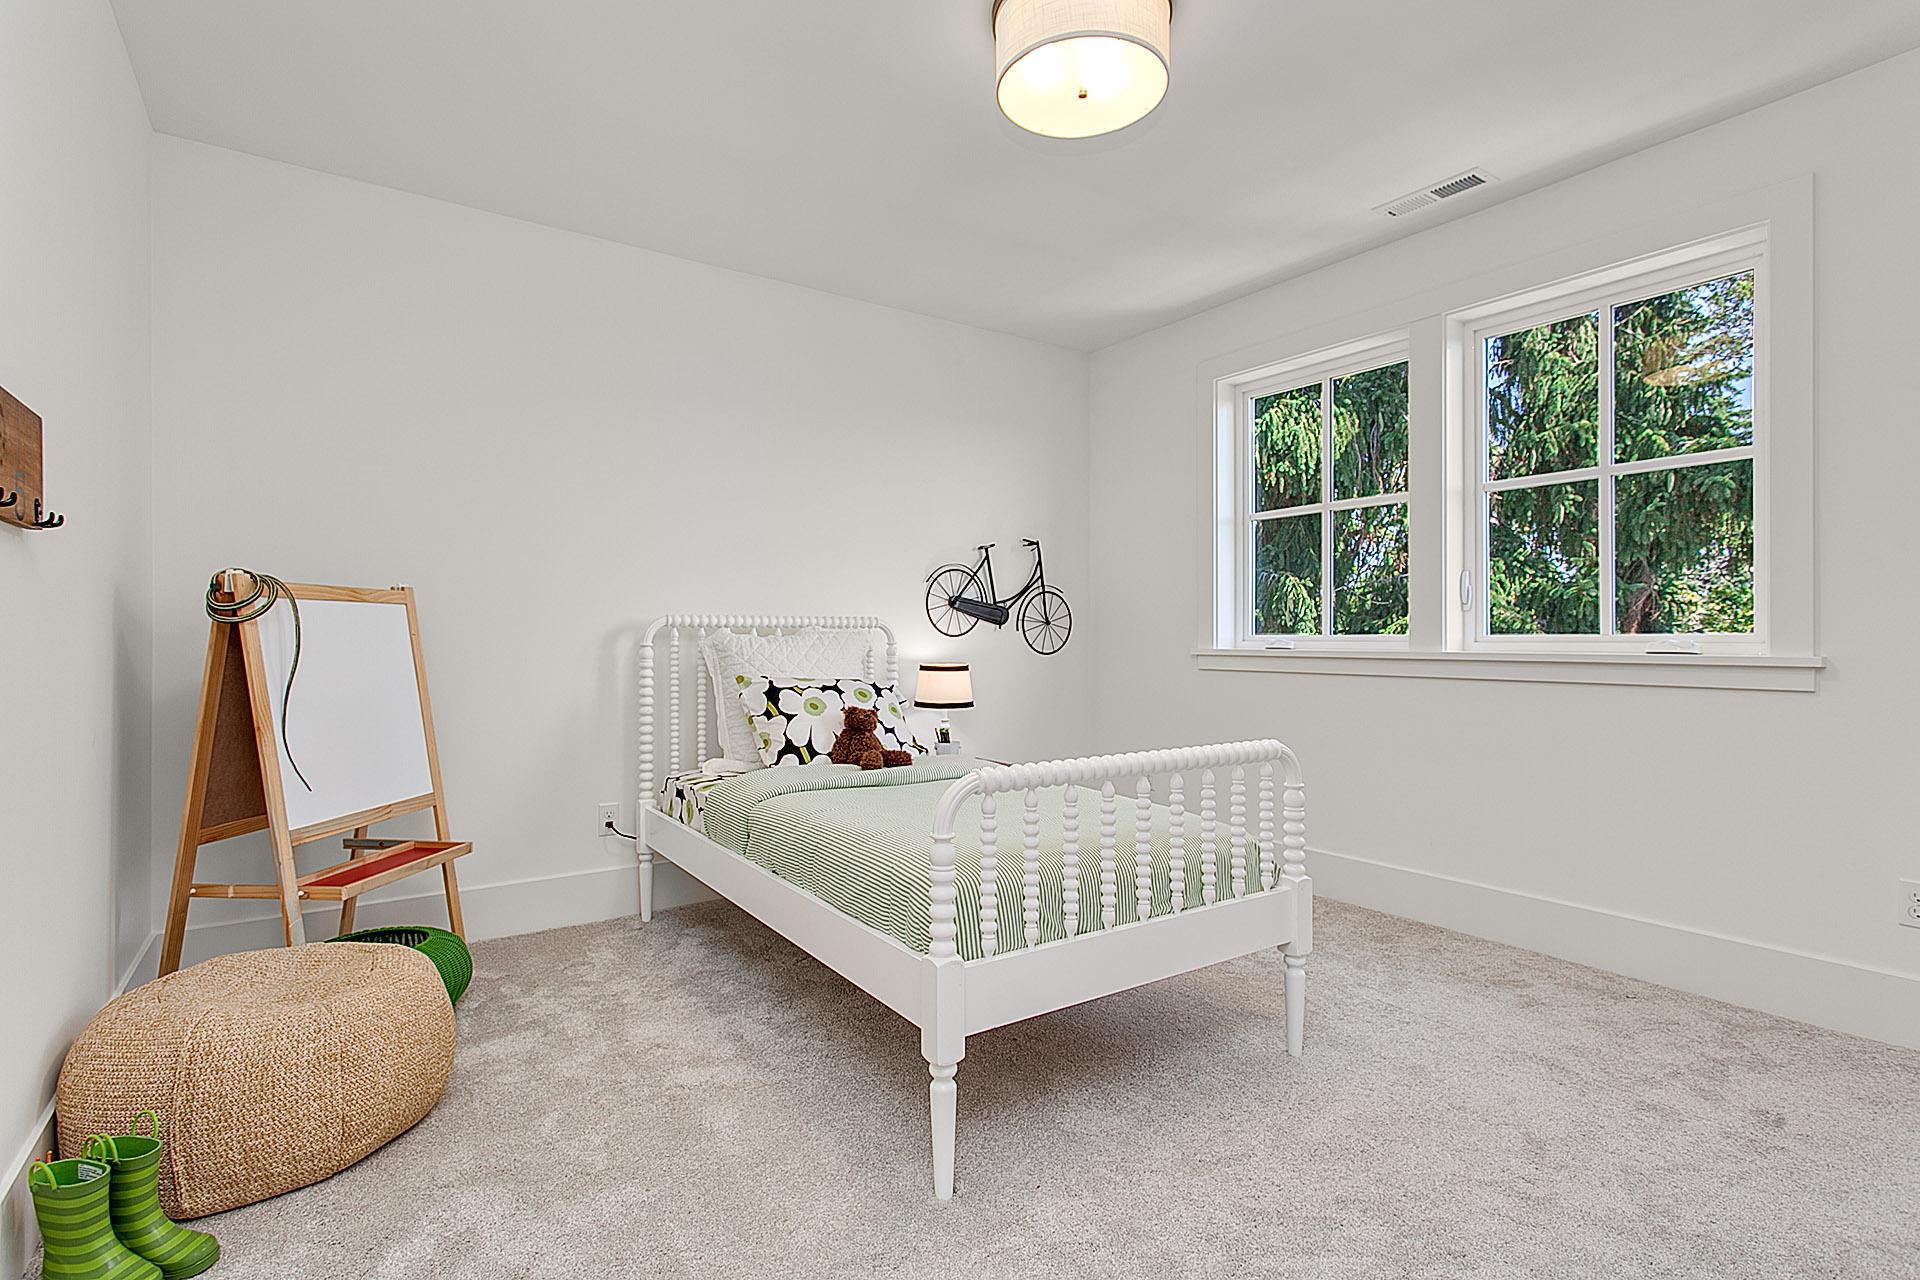 child_s bedroom.jpg